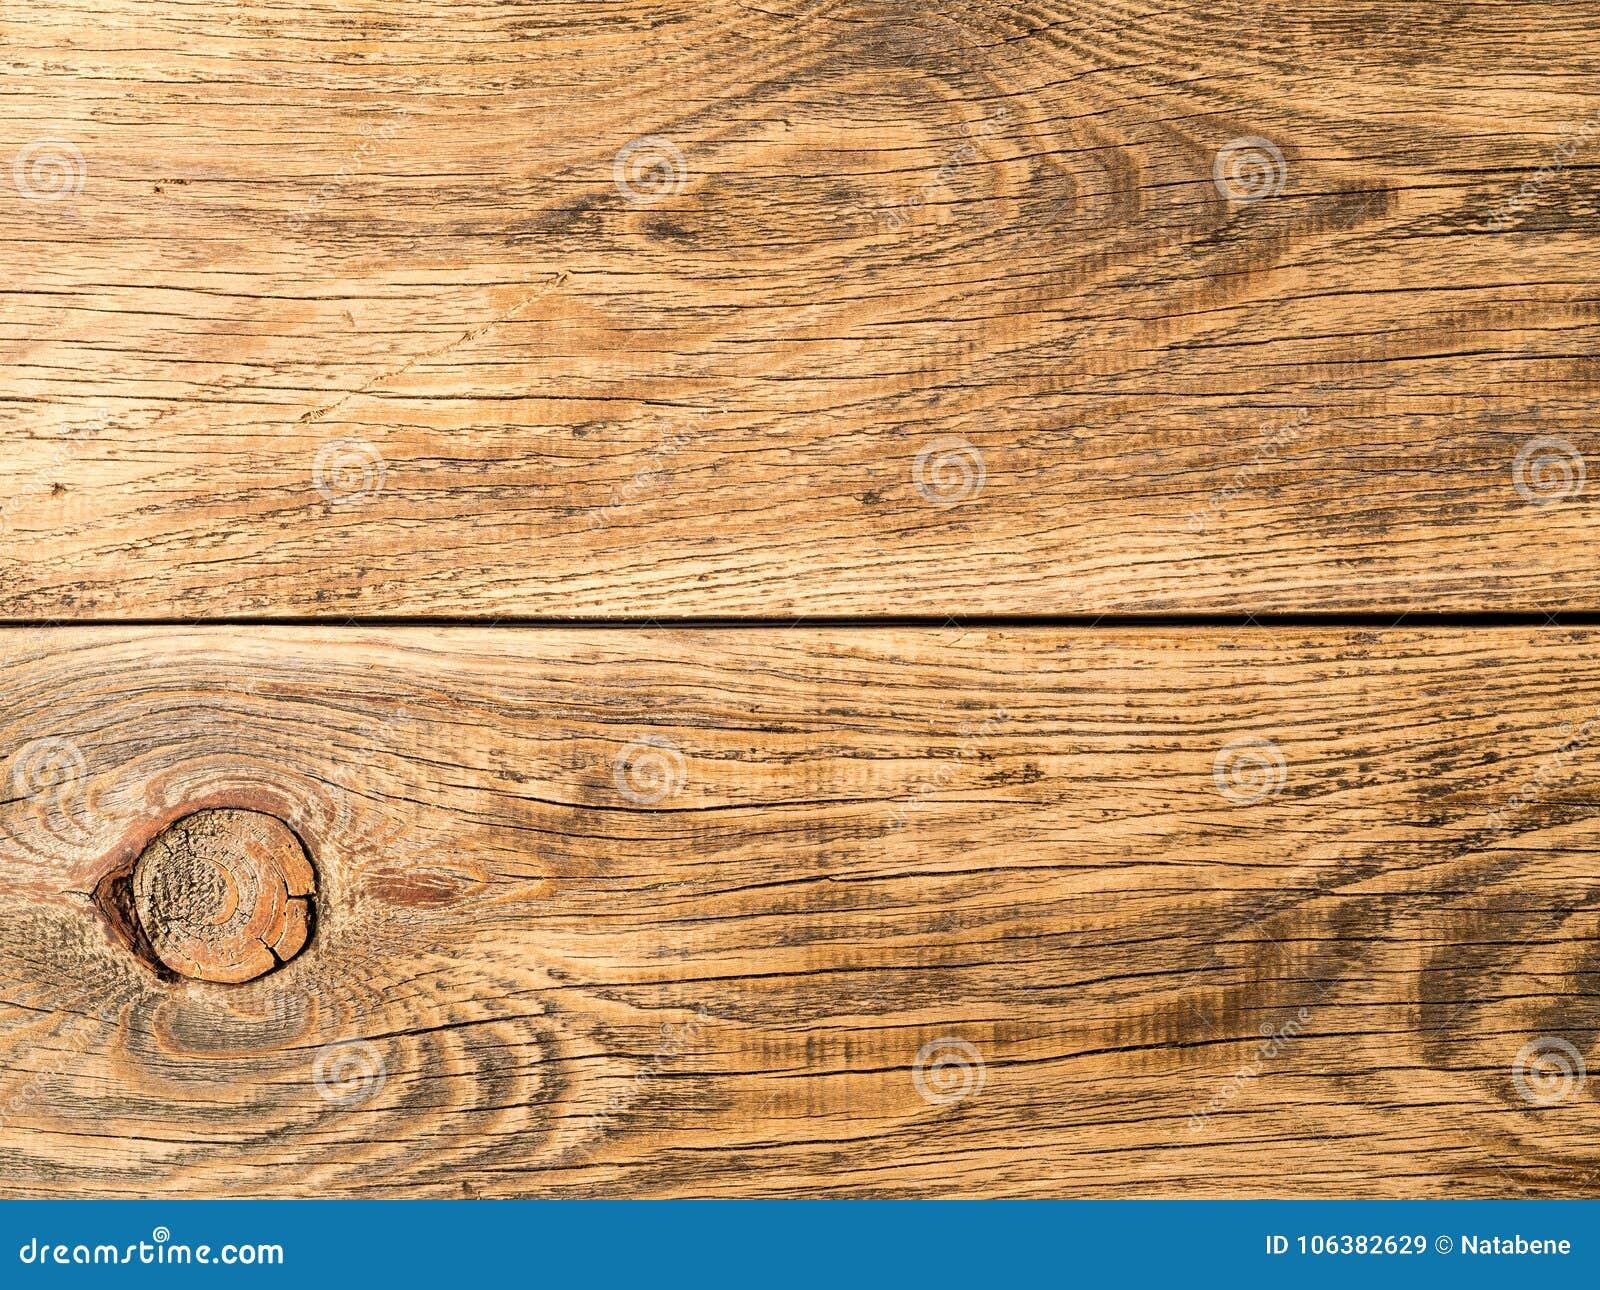 Natuurlijke rustieke houten achtergrond met pijnboomhout, structuur van hout